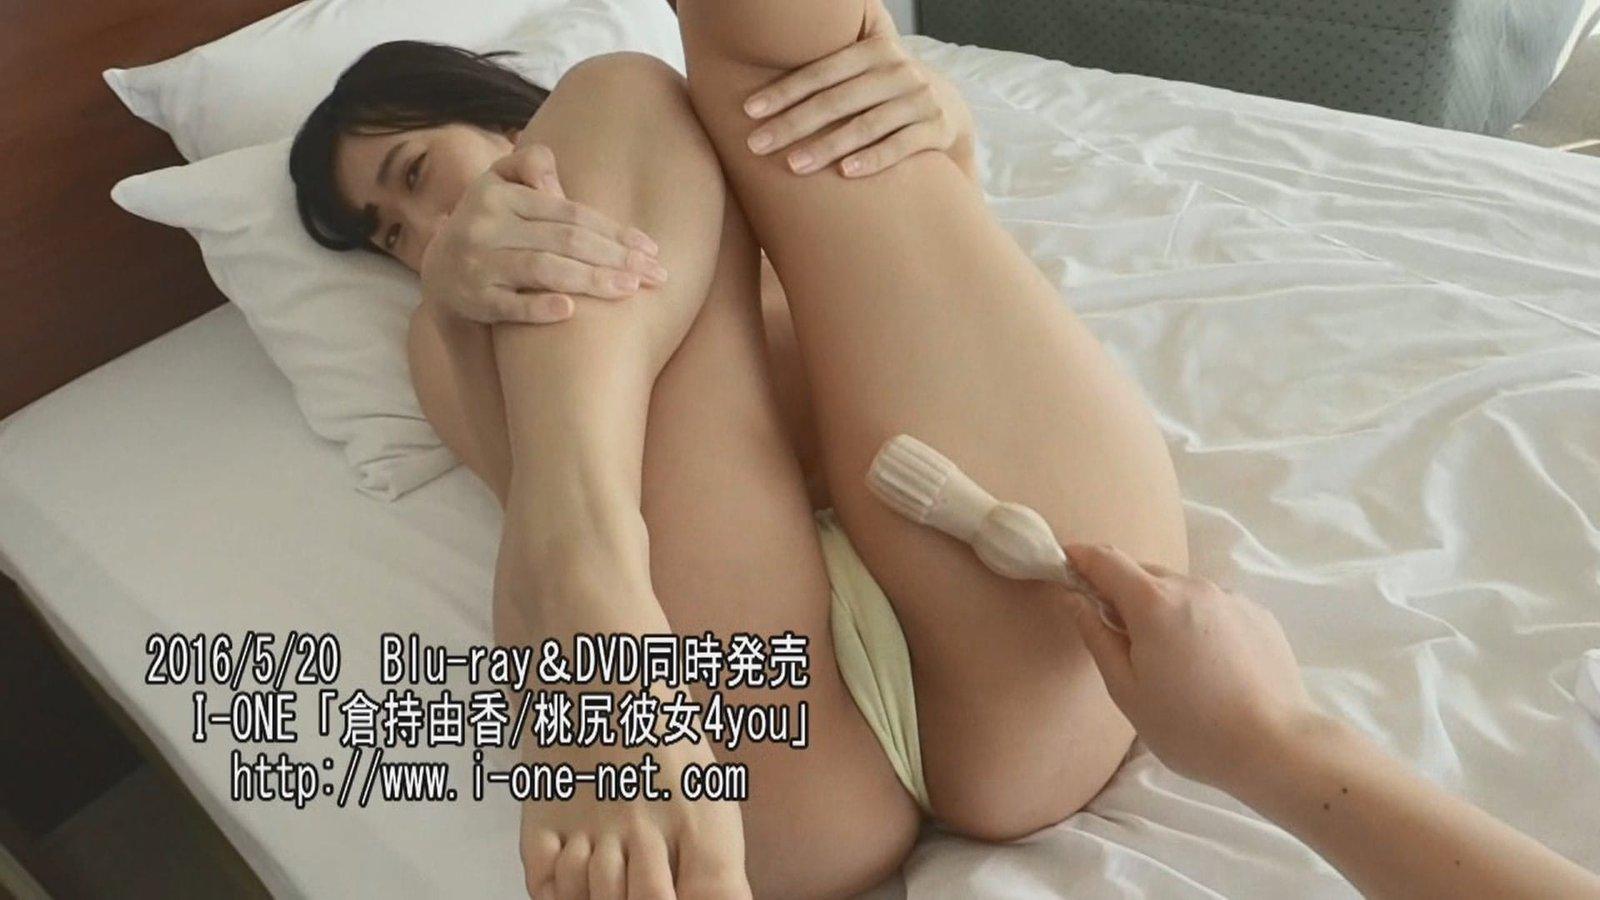 倉持由香のイメージビデオ「桃尻彼女4you」キャプチャ画像